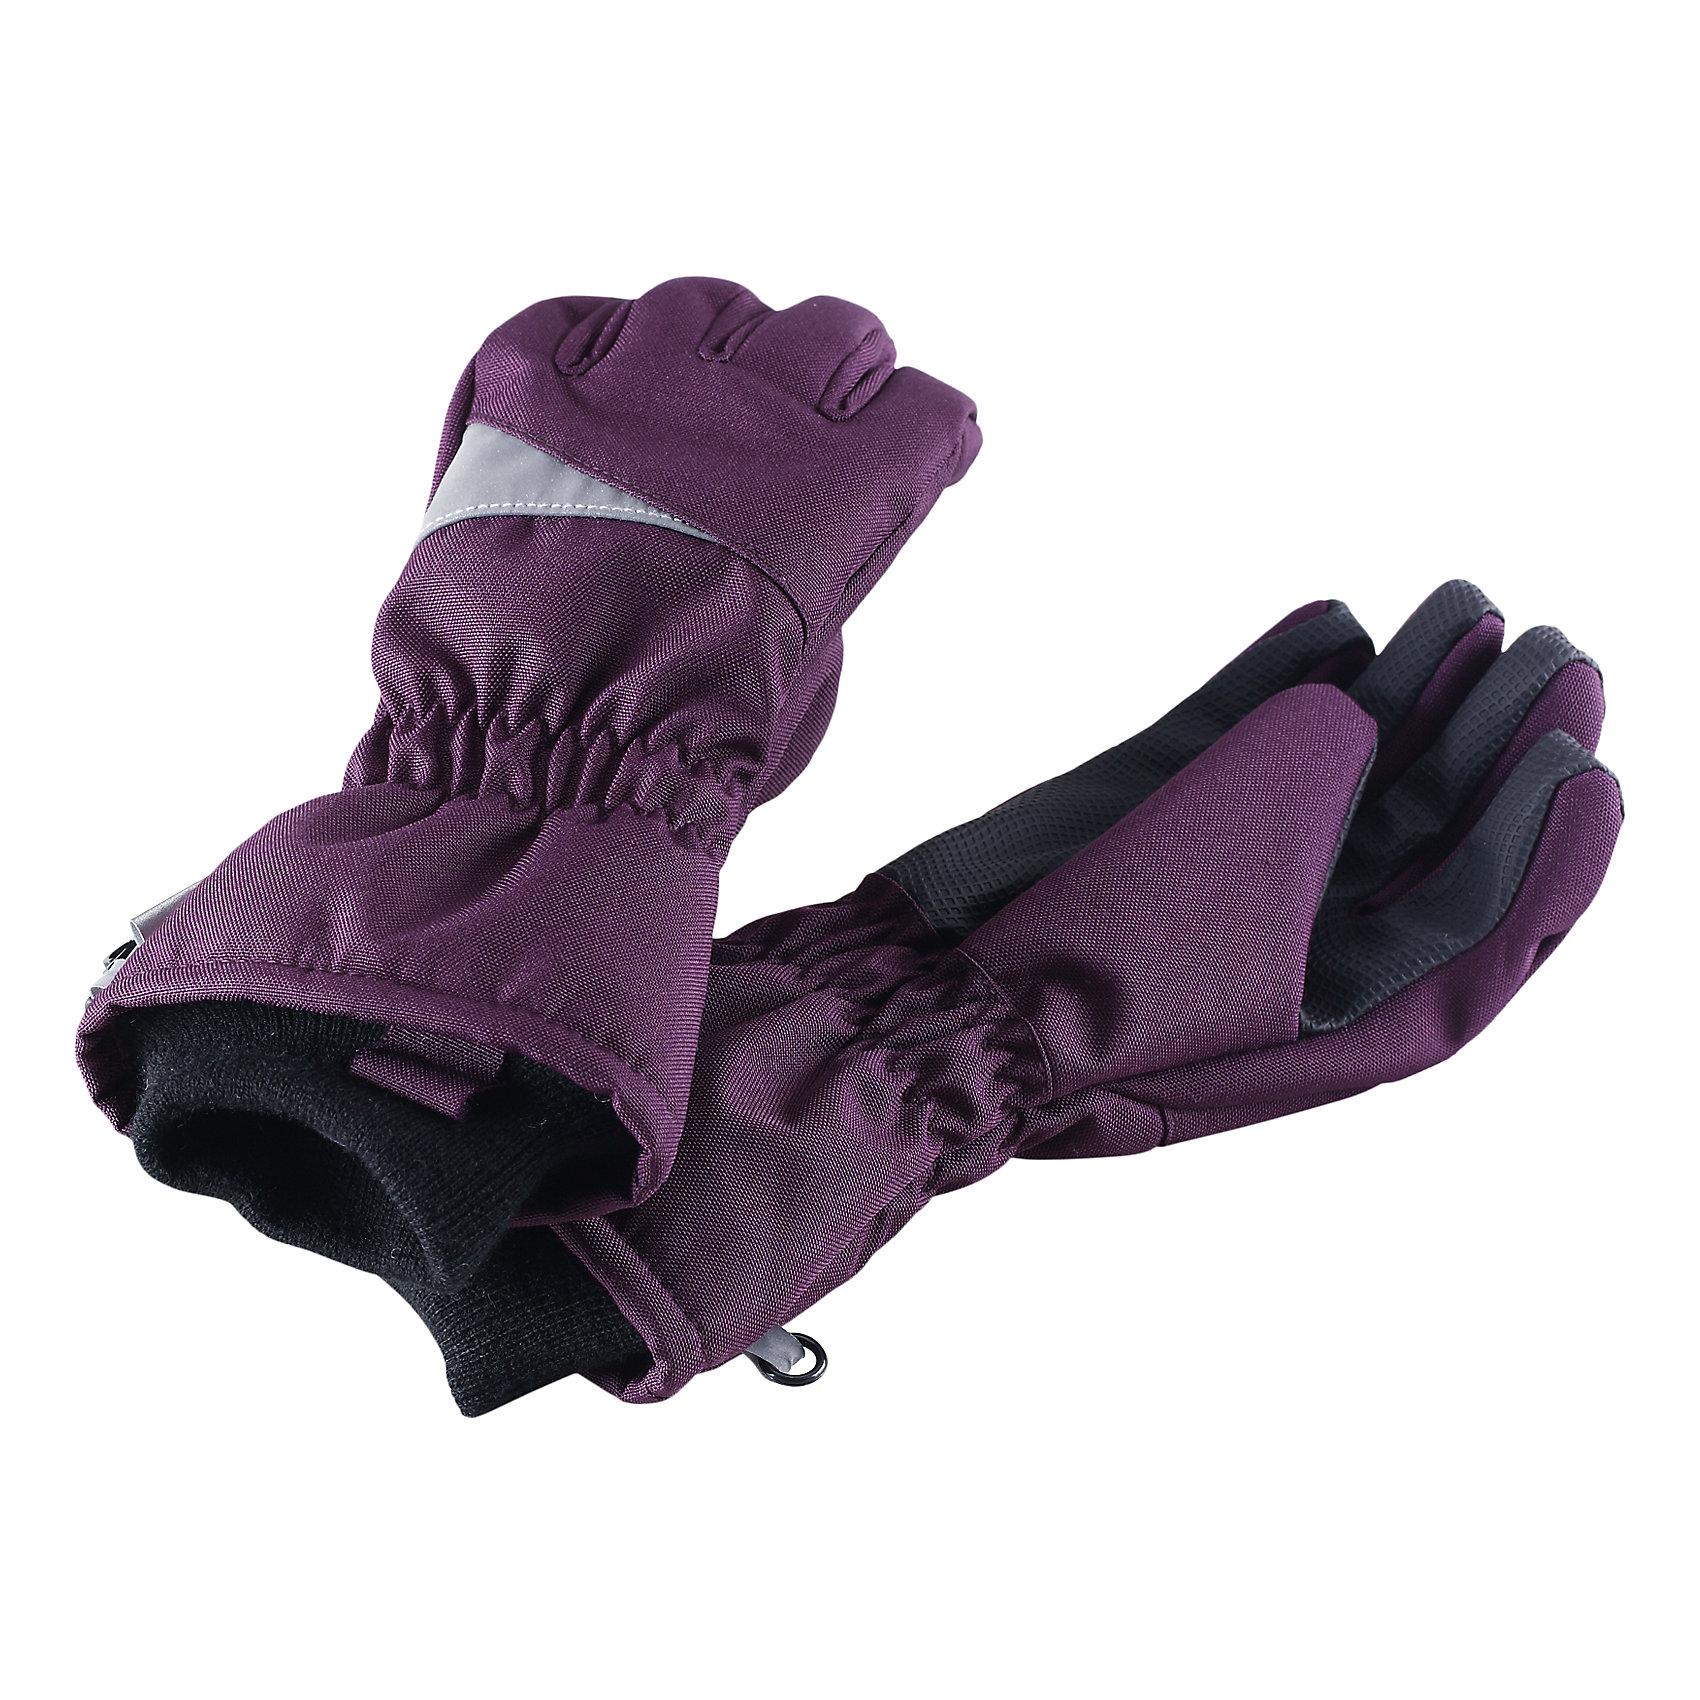 Перчатки LASSIEПерчатки, варежки<br>Зимние перчатки для детей Lassietec®.<br><br>- Сверхпрочный материал. Водонепроницаемая вставка. Водо- и ветронепроницаемый «дышащий» материал.<br>- Накладки на ладонях и больших пальцах.<br>- Подкладка из полиэстера с начесом. <br>- Средняя степень утепления.<br>-  Безопасные светоотражающие детали. Светоотражающая эмблема Lassie®.<br><br> Рекомендации по уходу: Полоскать без специального средства. Сушить при низкой температуре.<br><br> Состав: 100% Полиамид, полиуретановое покрытие.  Утеплитель «Lassie wadding» 120гр.<br><br>Ширина мм: 162<br>Глубина мм: 171<br>Высота мм: 55<br>Вес г: 119<br>Цвет: лиловый<br>Возраст от месяцев: 120<br>Возраст до месяцев: 144<br>Пол: Женский<br>Возраст: Детский<br>Размер: 6,3,4,5<br>SKU: 4780583